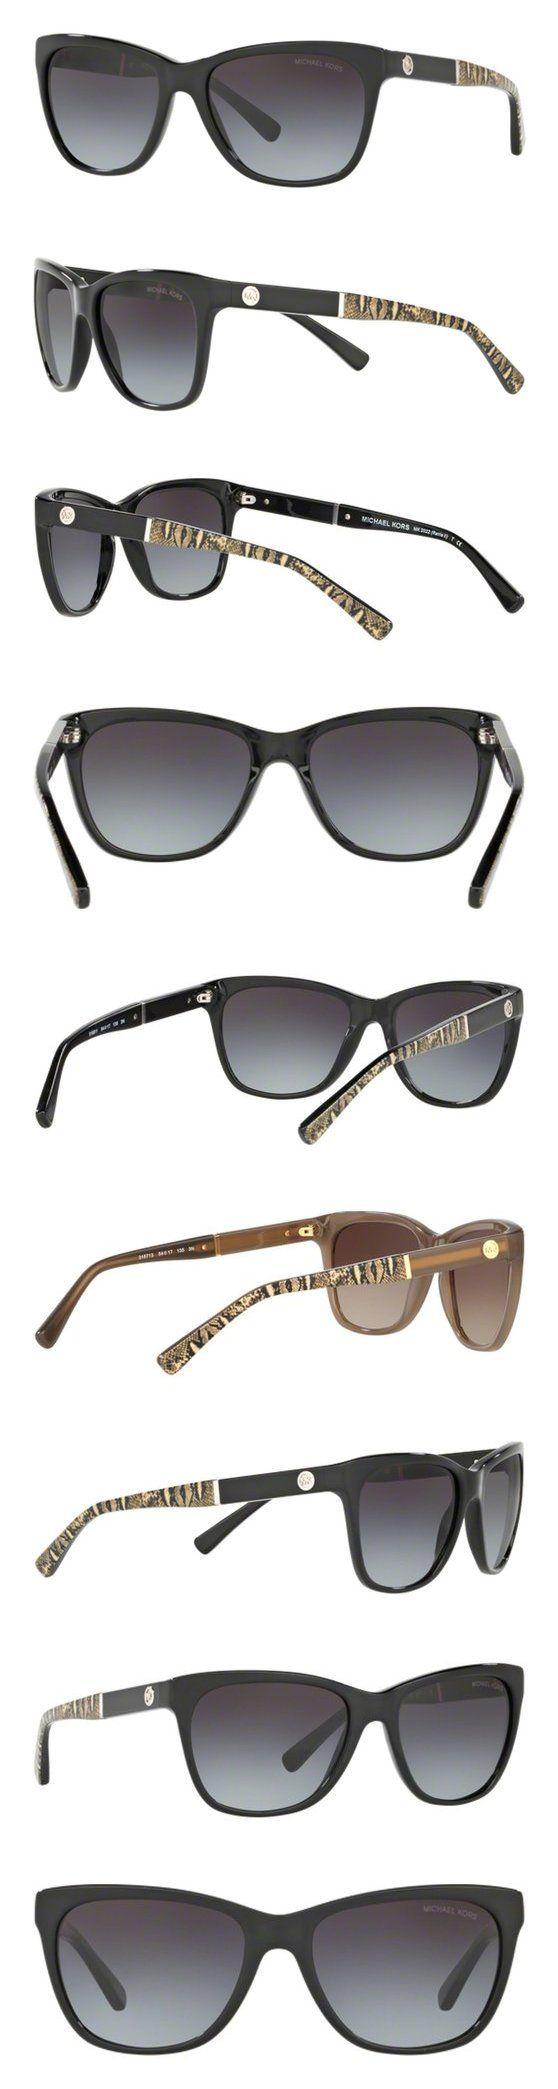 $81.84 - Michael Kors 316811 Black / Print 2022 Wayfarer Sunglasses Lens Category 3 Lens #michaelkors